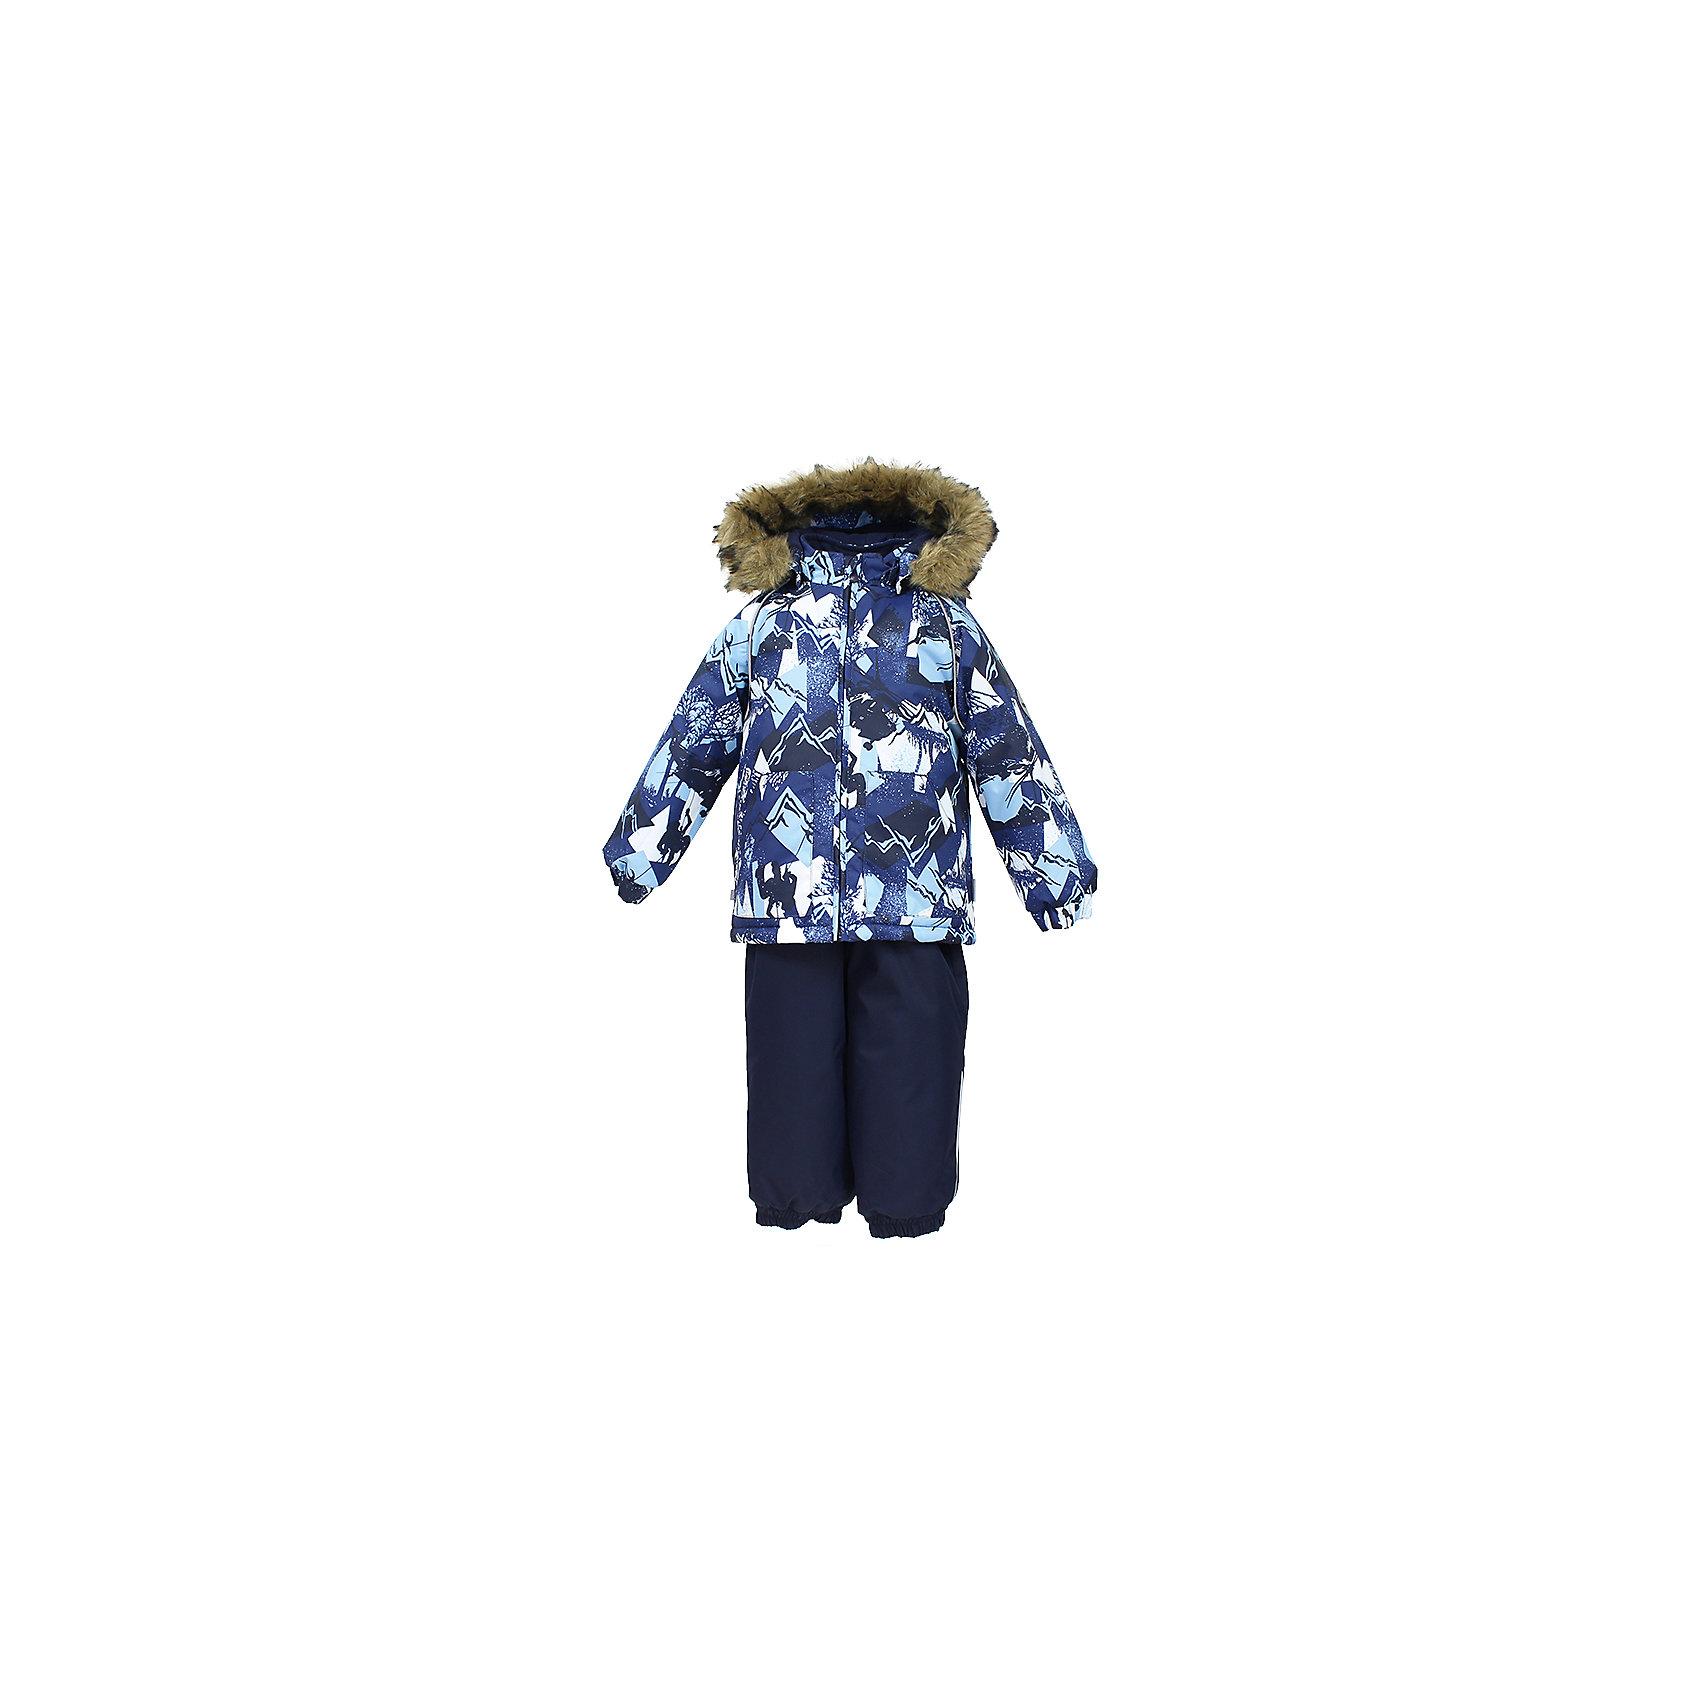 Комплект: куртка и брюки AVERY HuppaВерхняя одежда<br>Комплект для малышей  AVERY.Водо и воздухонепроницаемость 10 000 . Утеплитель 300 гр куртка/160 гр брюки. Подкладка фланель 100% хлопок.Отстегивающийся капюшон с мехом.Манжеты рукавов на резинке. Манжеты брюк на резинке.Добавлены петли для ступней.Резиновые подтяжки.Имеются светоотражательные элементы.<br>Состав:<br>100% Полиэстер<br><br>Ширина мм: 356<br>Глубина мм: 10<br>Высота мм: 245<br>Вес г: 519<br>Цвет: синий<br>Возраст от месяцев: 12<br>Возраст до месяцев: 15<br>Пол: Унисекс<br>Возраст: Детский<br>Размер: 80,104,98,92,86<br>SKU: 7027006